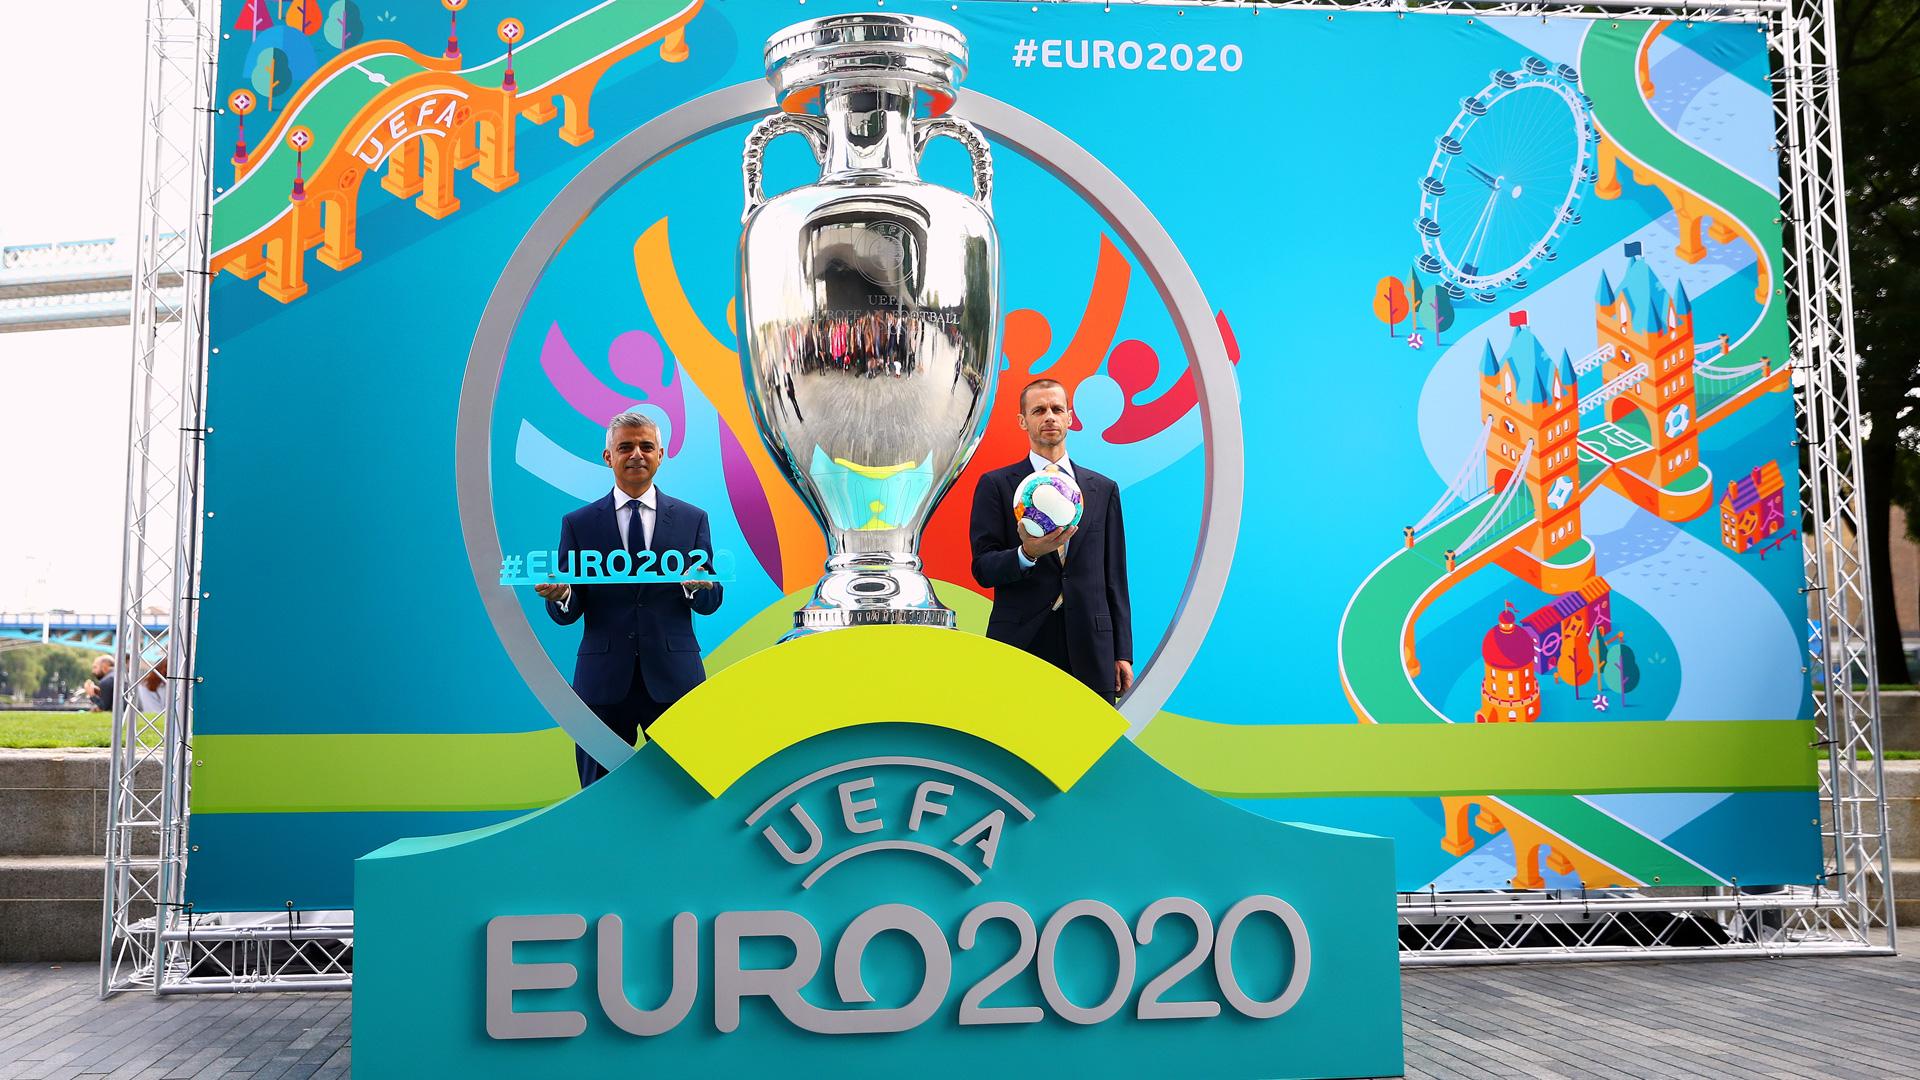 Mundial Rusia 2020 Calendario.Clasificacion Para La Eurocopa 2020 Cuando Empieza Calendario